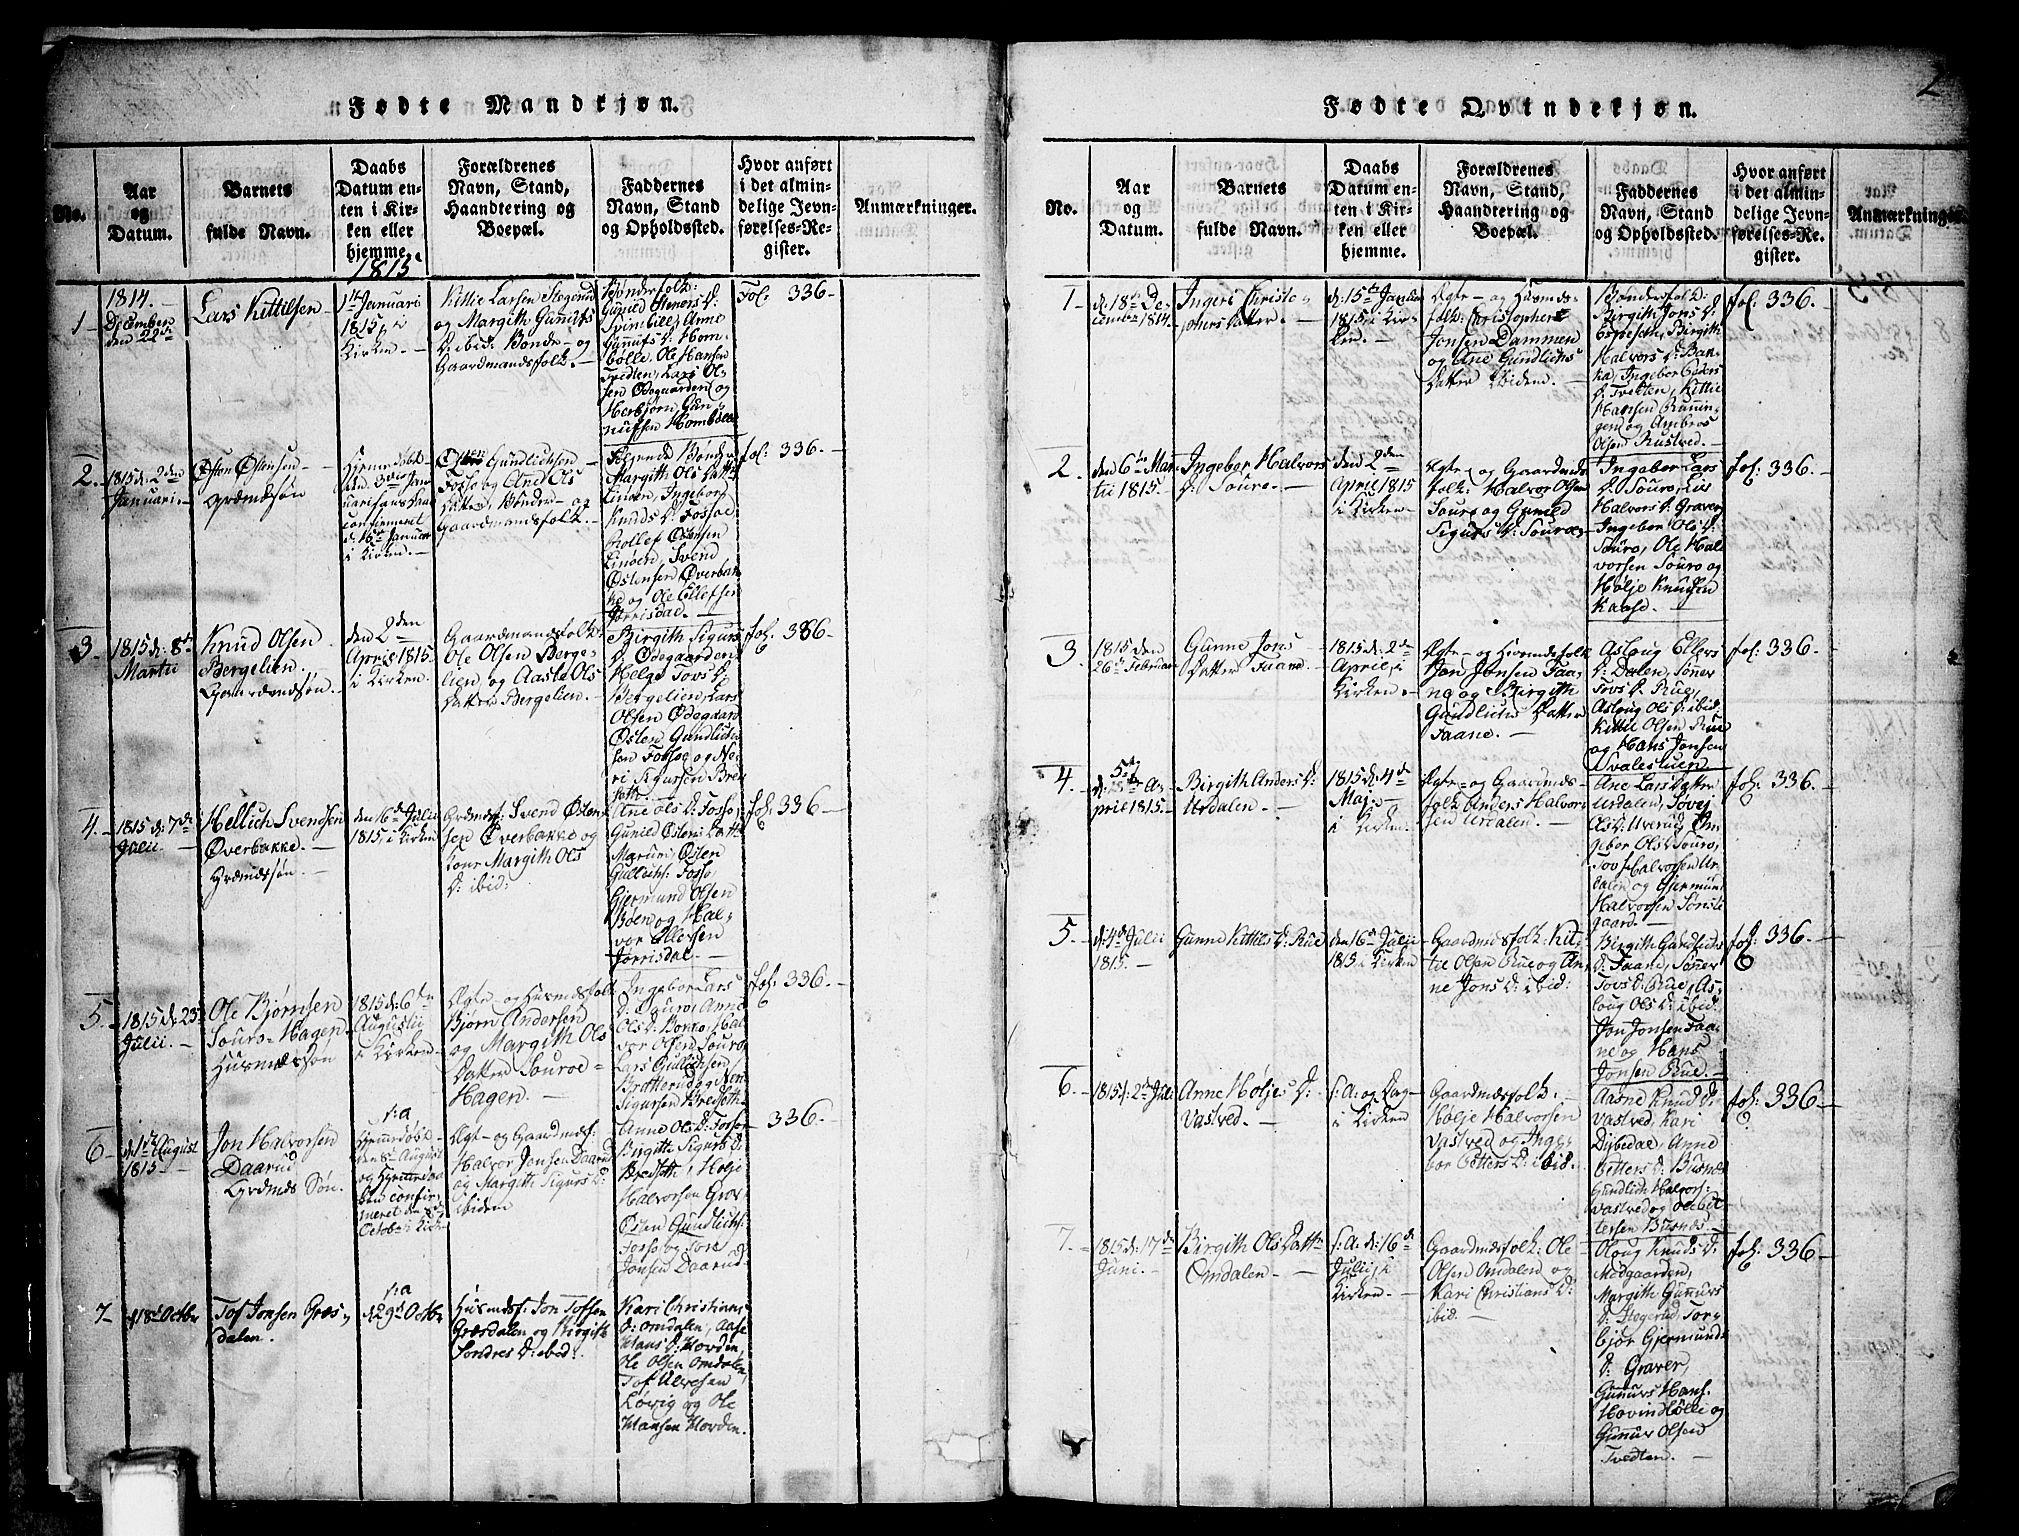 SAKO, Gransherad kirkebøker, G/Gb/L0001: Klokkerbok nr. II 1, 1815-1860, s. 2